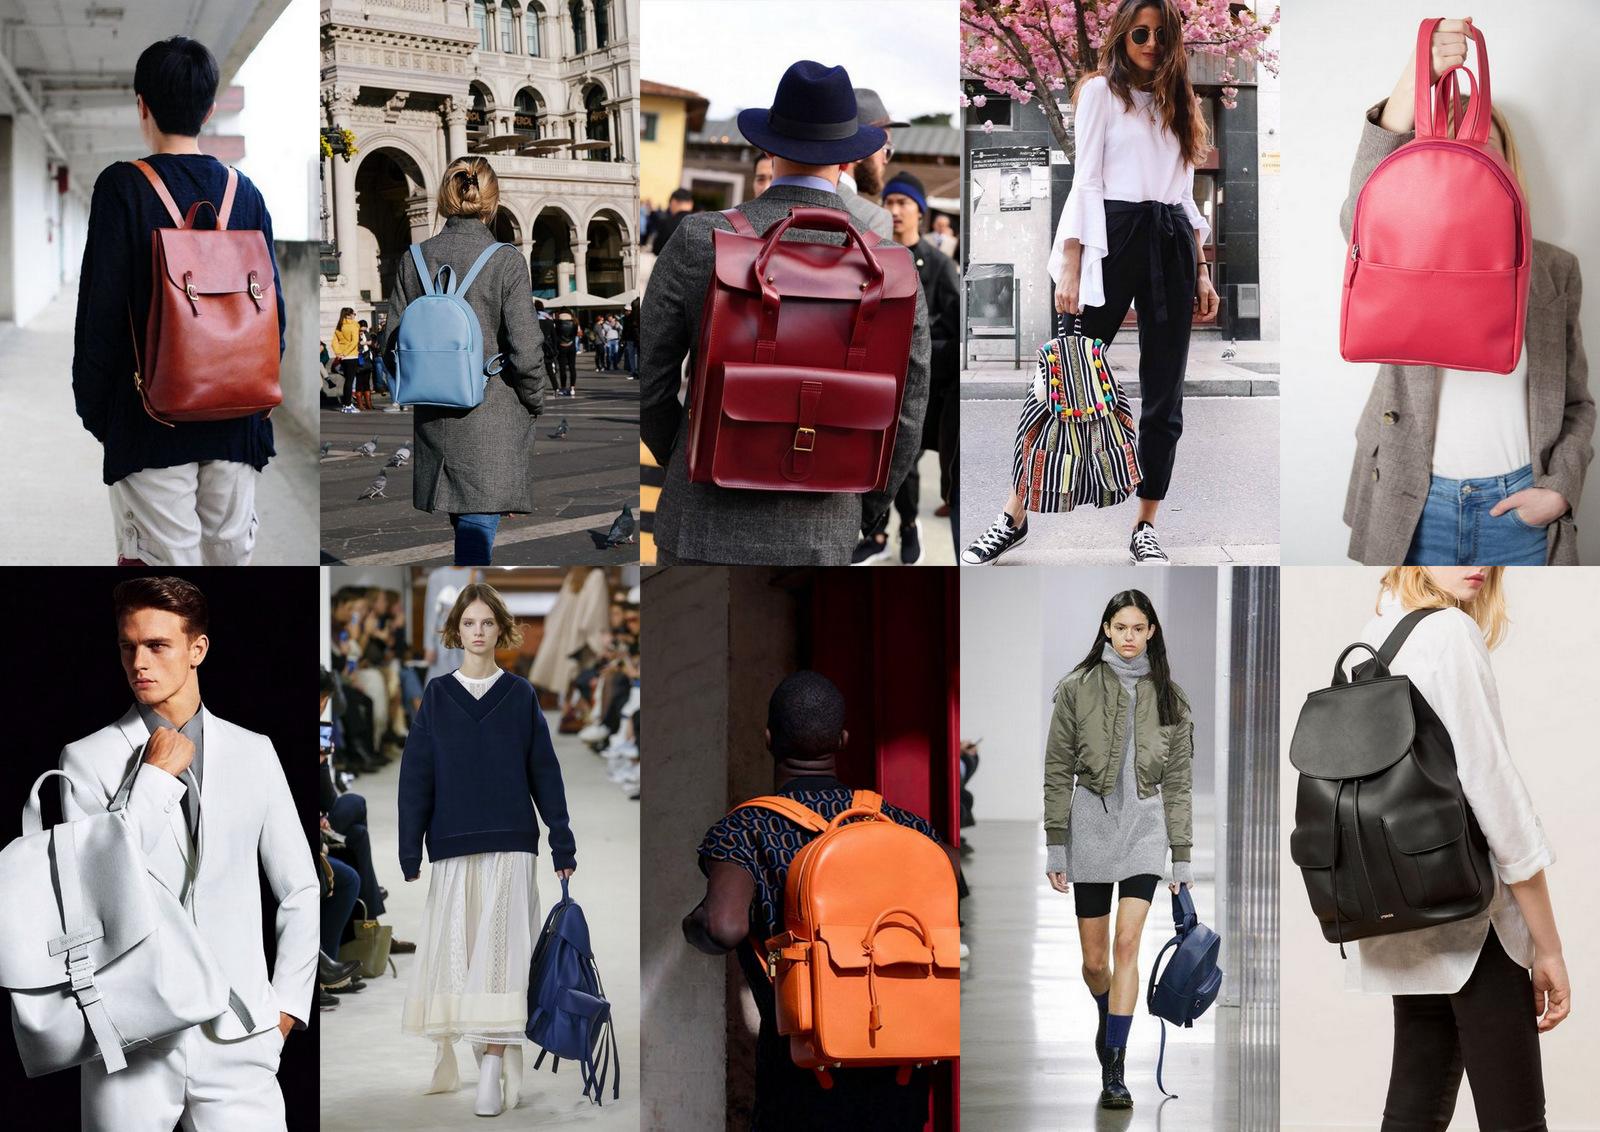 ba61207846 Viaceré ruksaky majú aj ušká a veľmi rýchlo z nich urobíte kabelku alebo  aktovku. Mne sa osobne veľmi zapáčili pastelovo modré ruksaky a  minimalistické ...